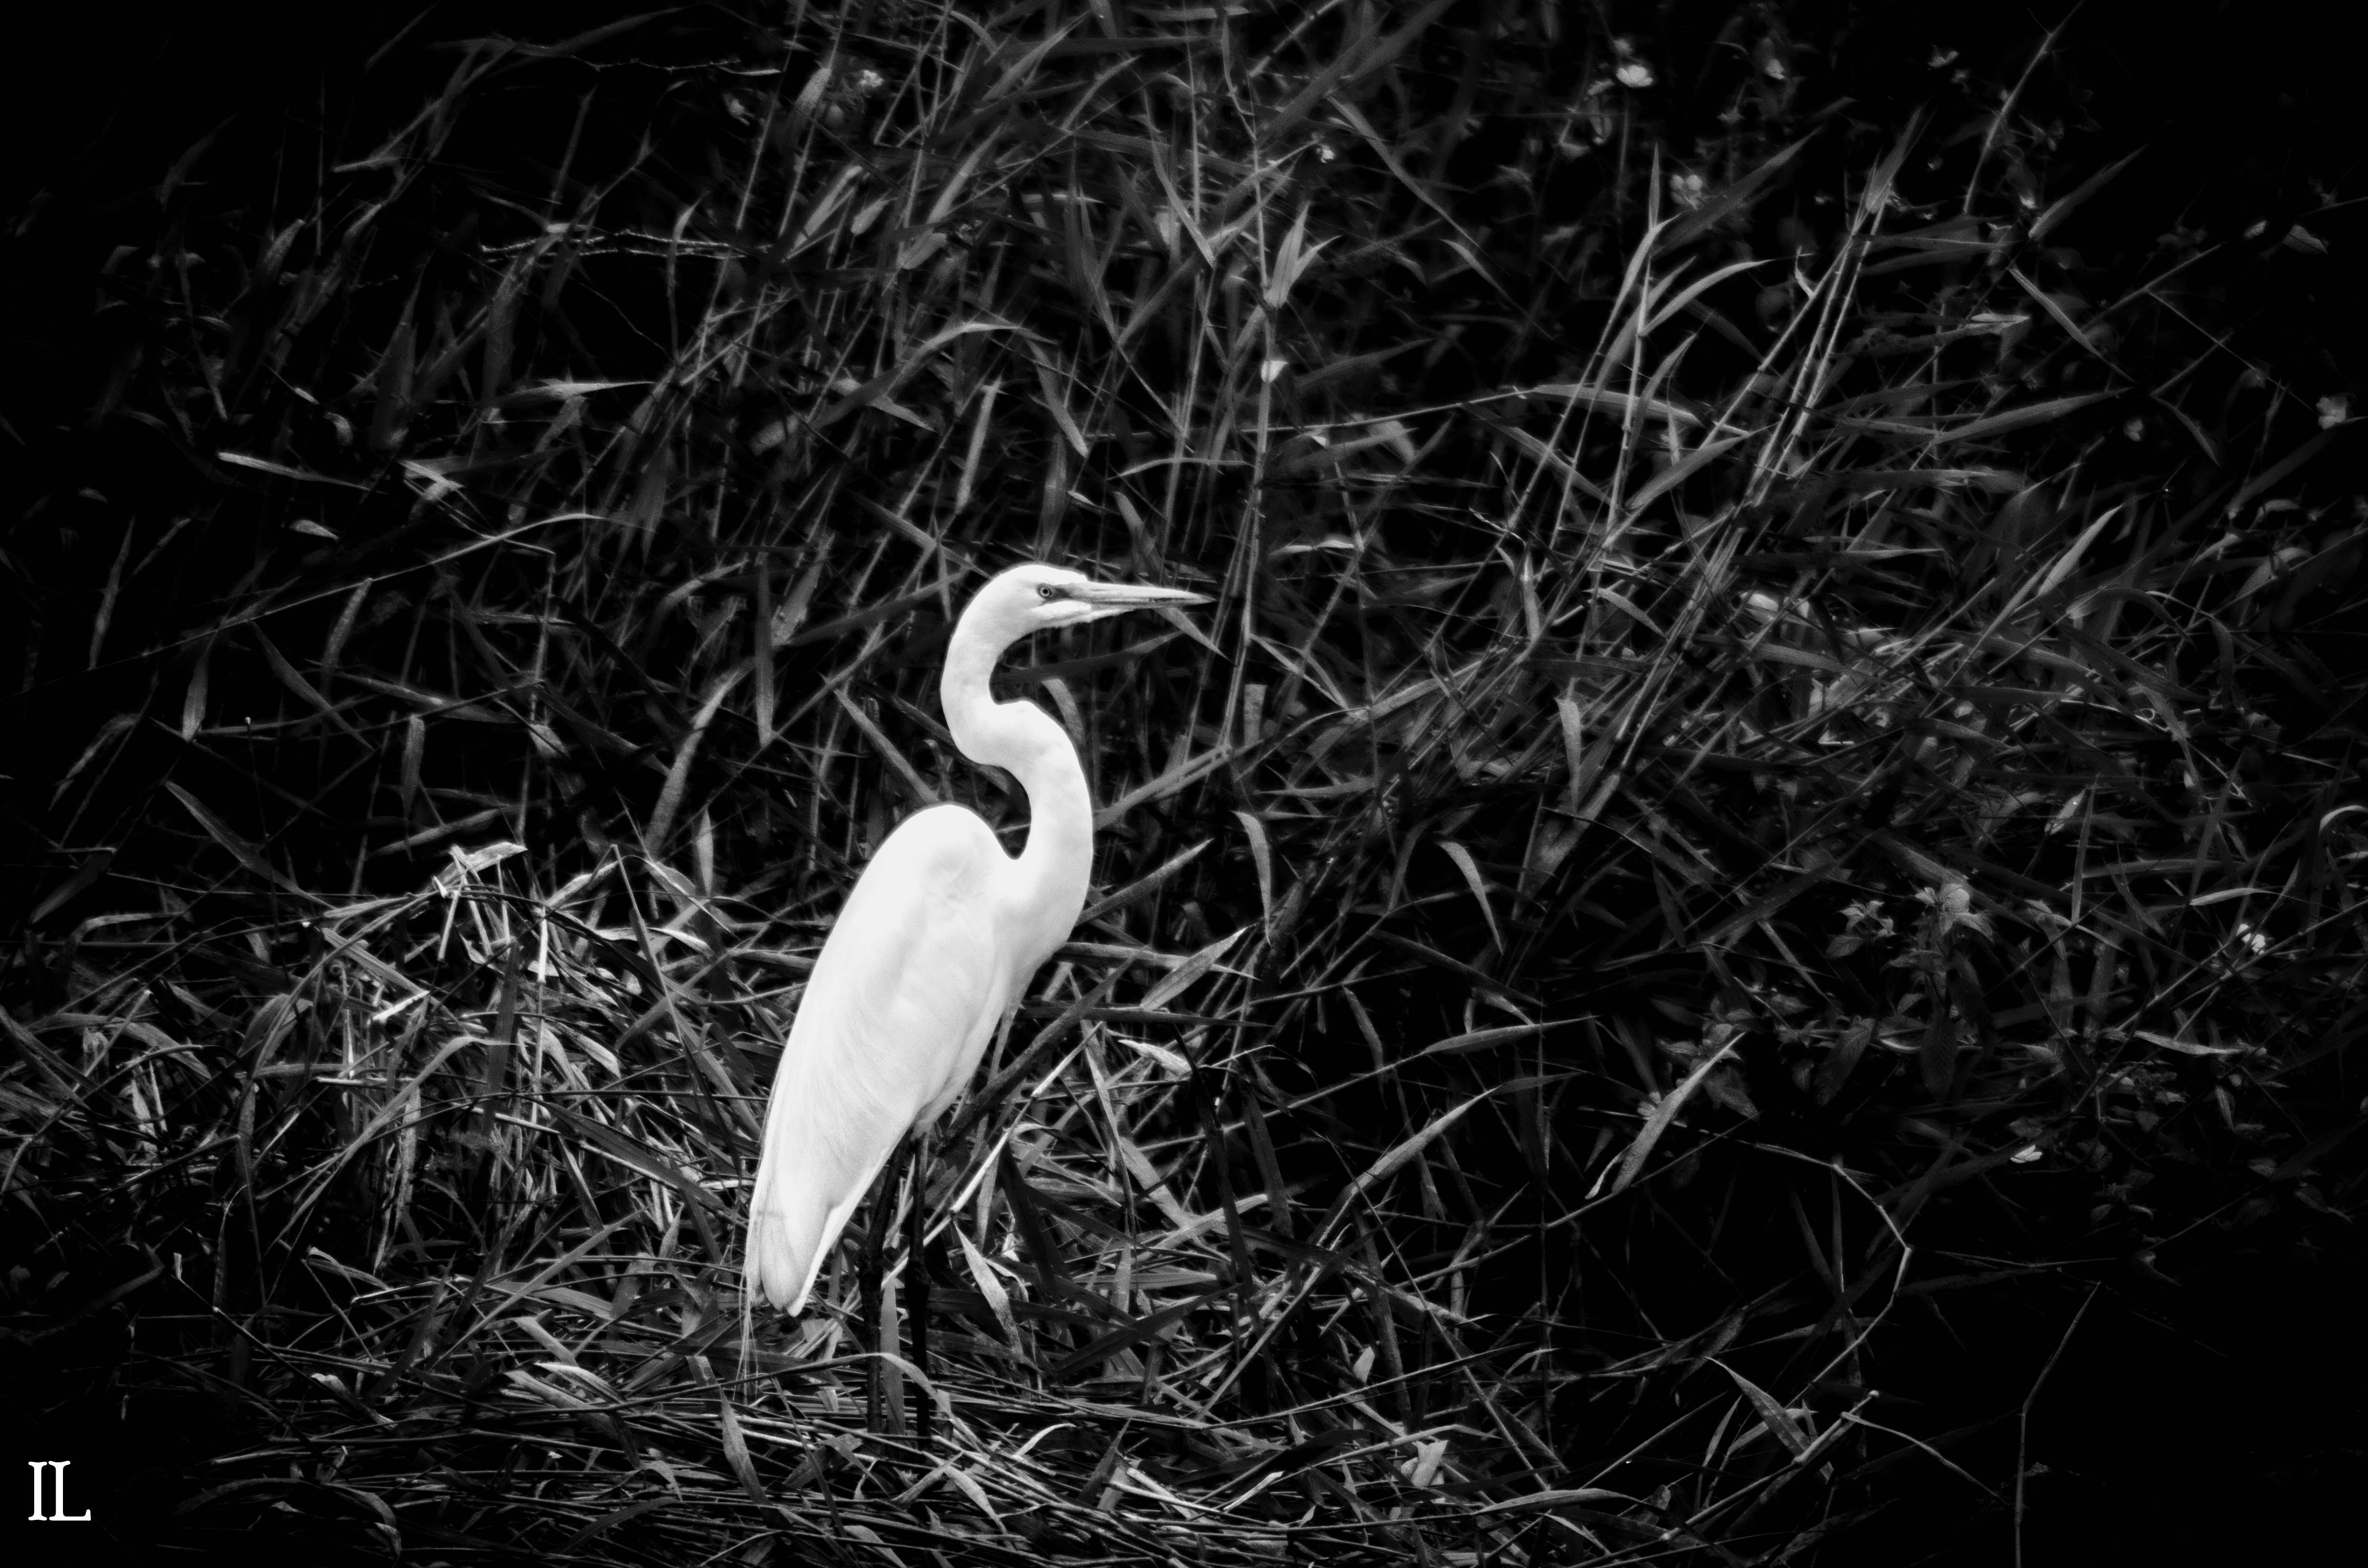 Free stock photo of black and white, egret, heron, white bird